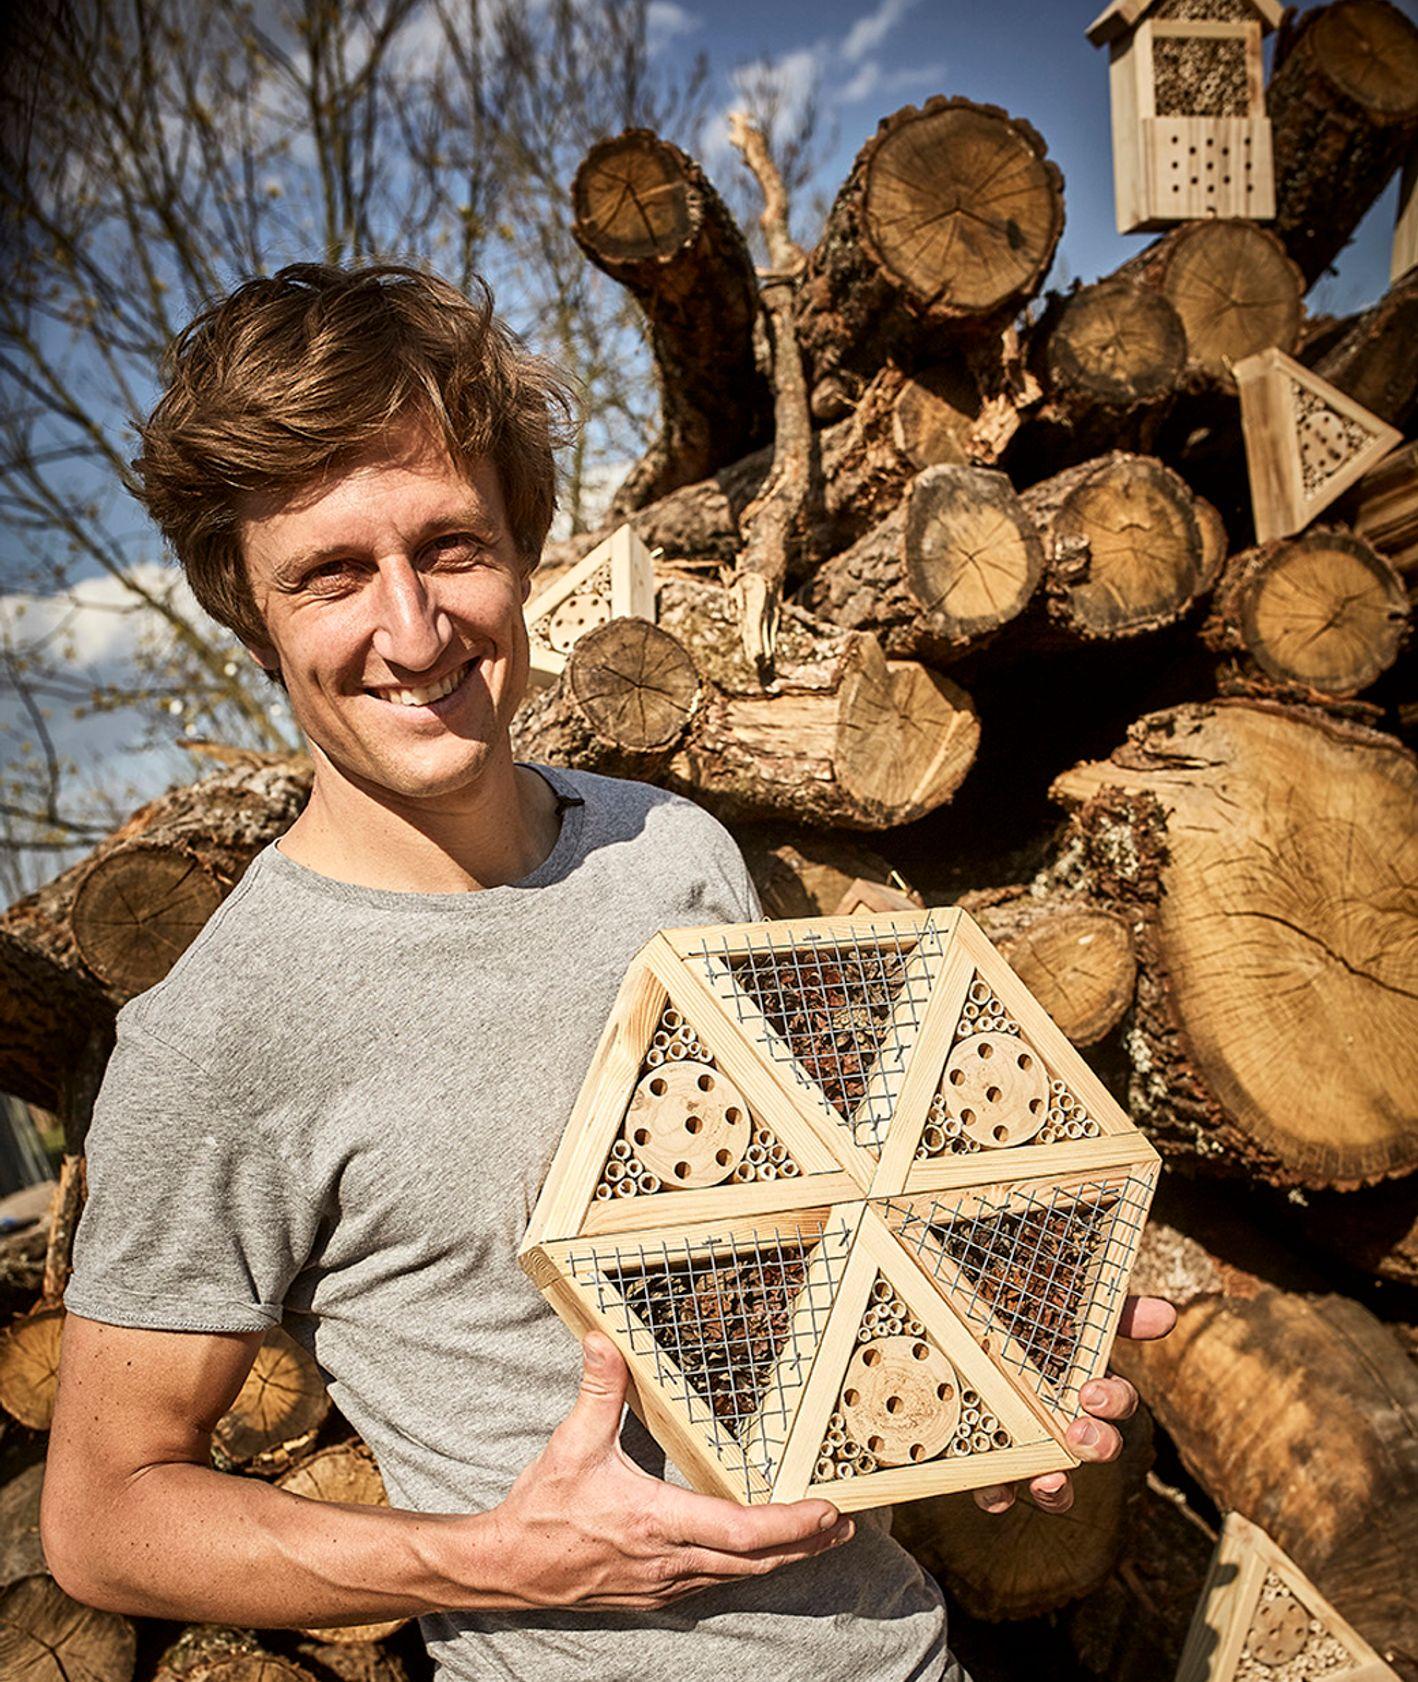 David Gaboriaud z domkiem dla owadów (fot. materiały prasowe)